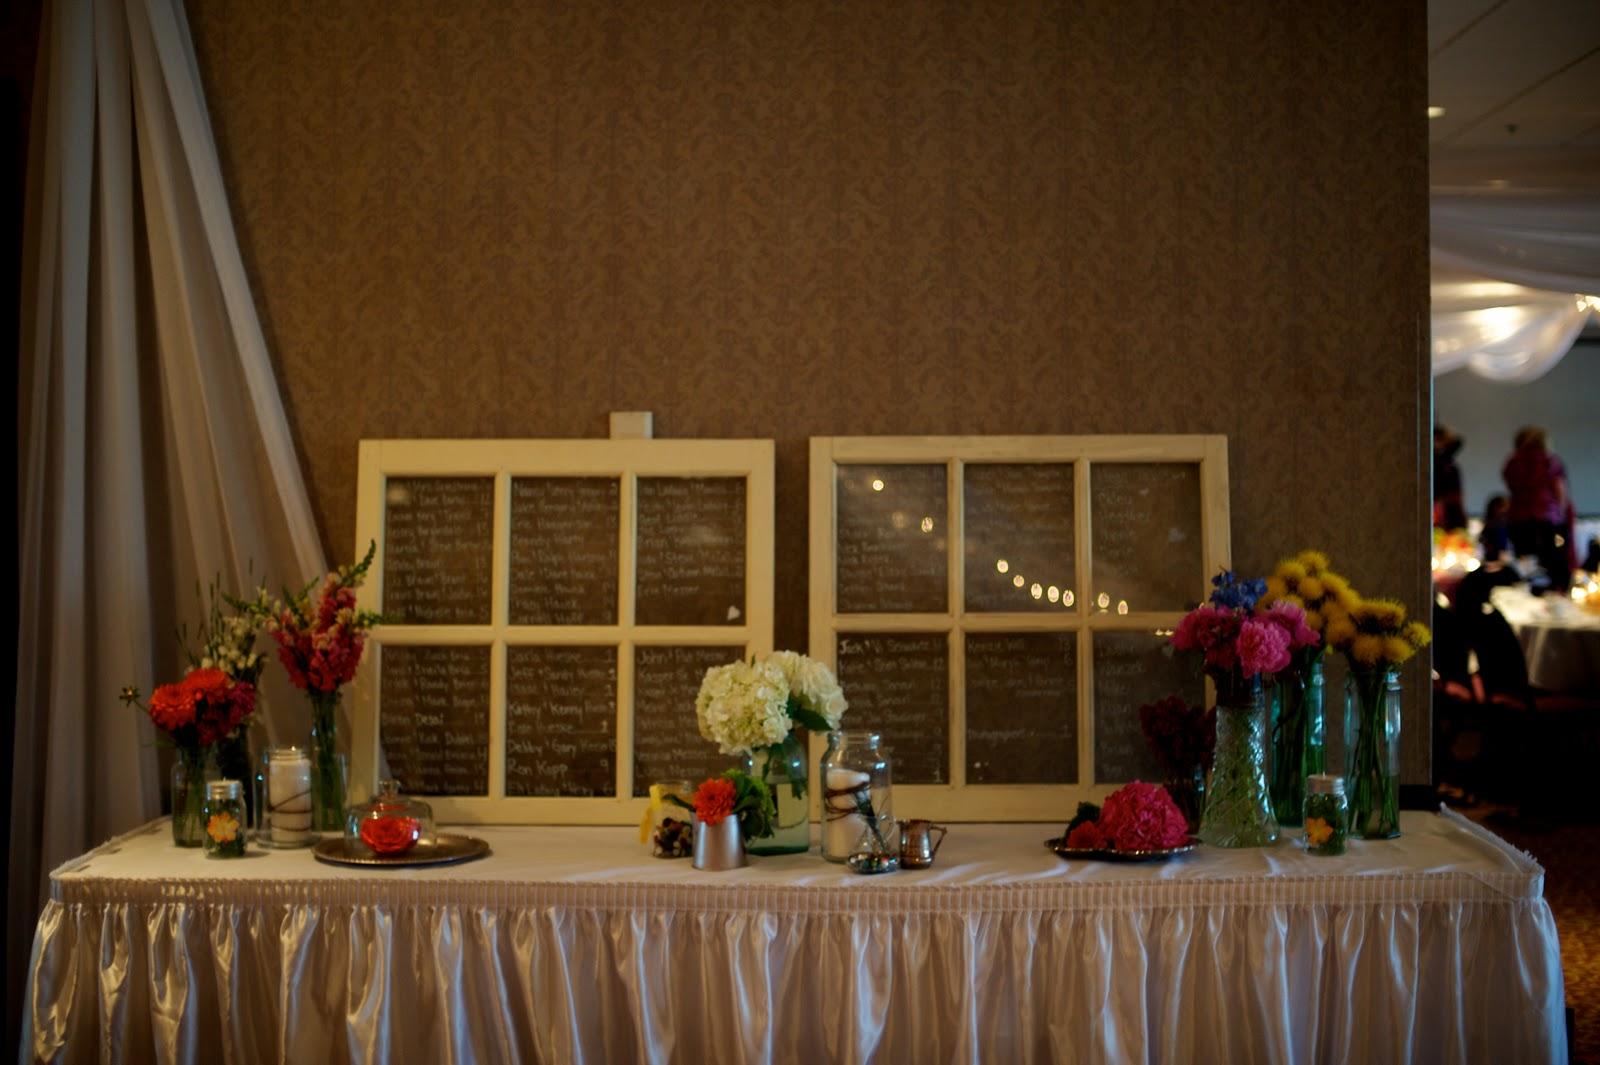 One of my favorite DIY wedding